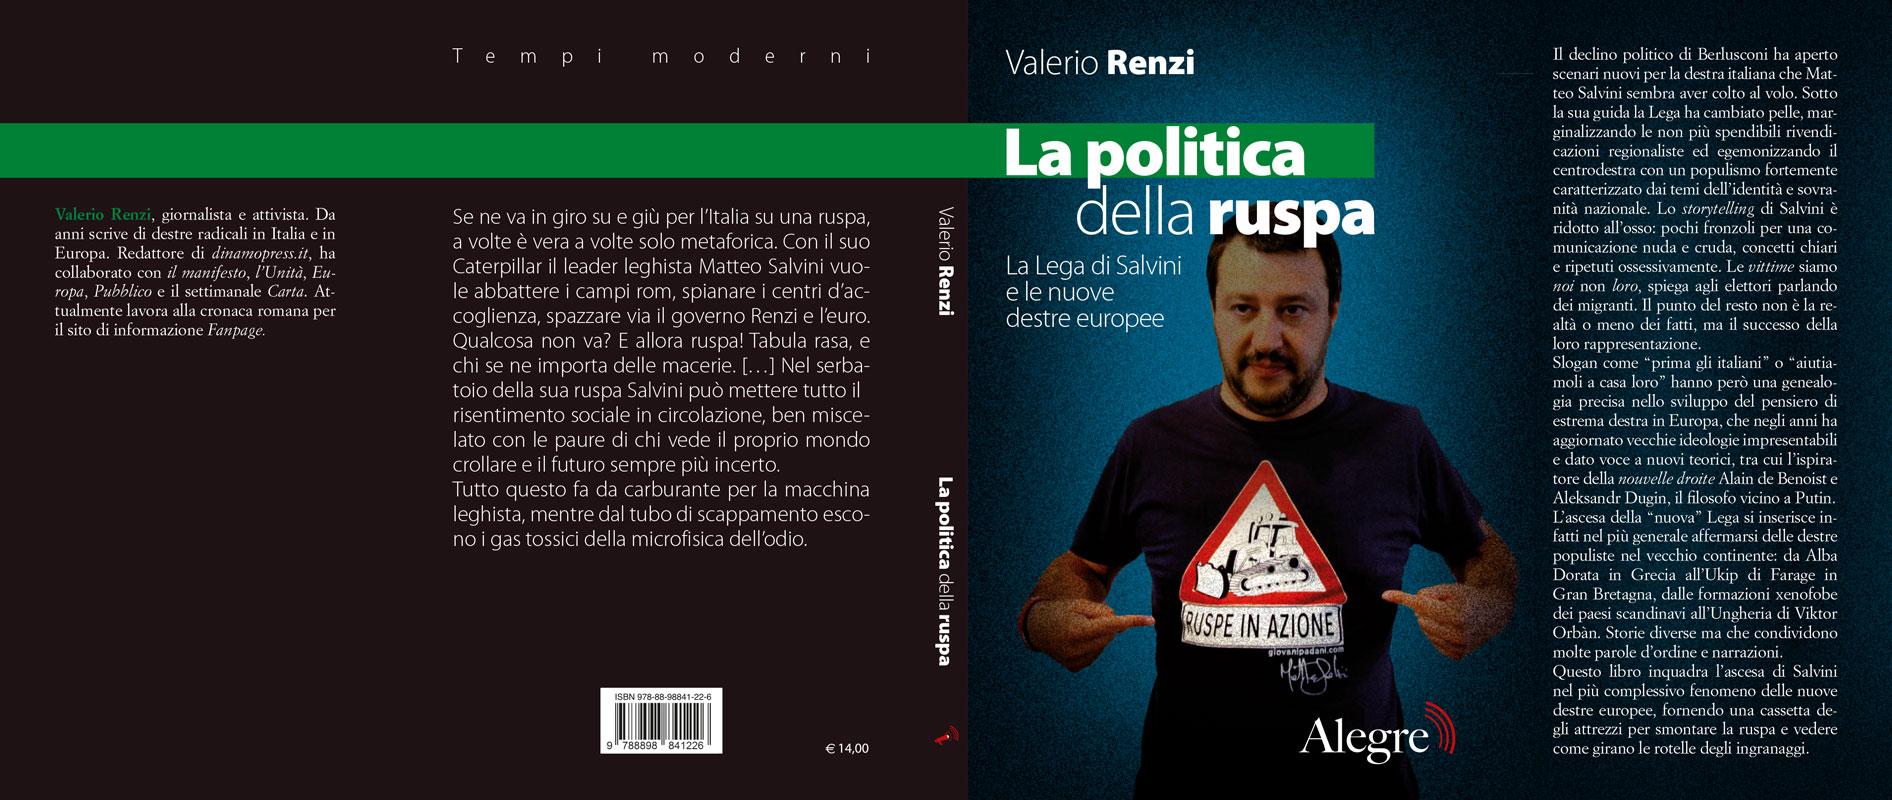 Valerio Renzi, La politica della ruspa, stesa